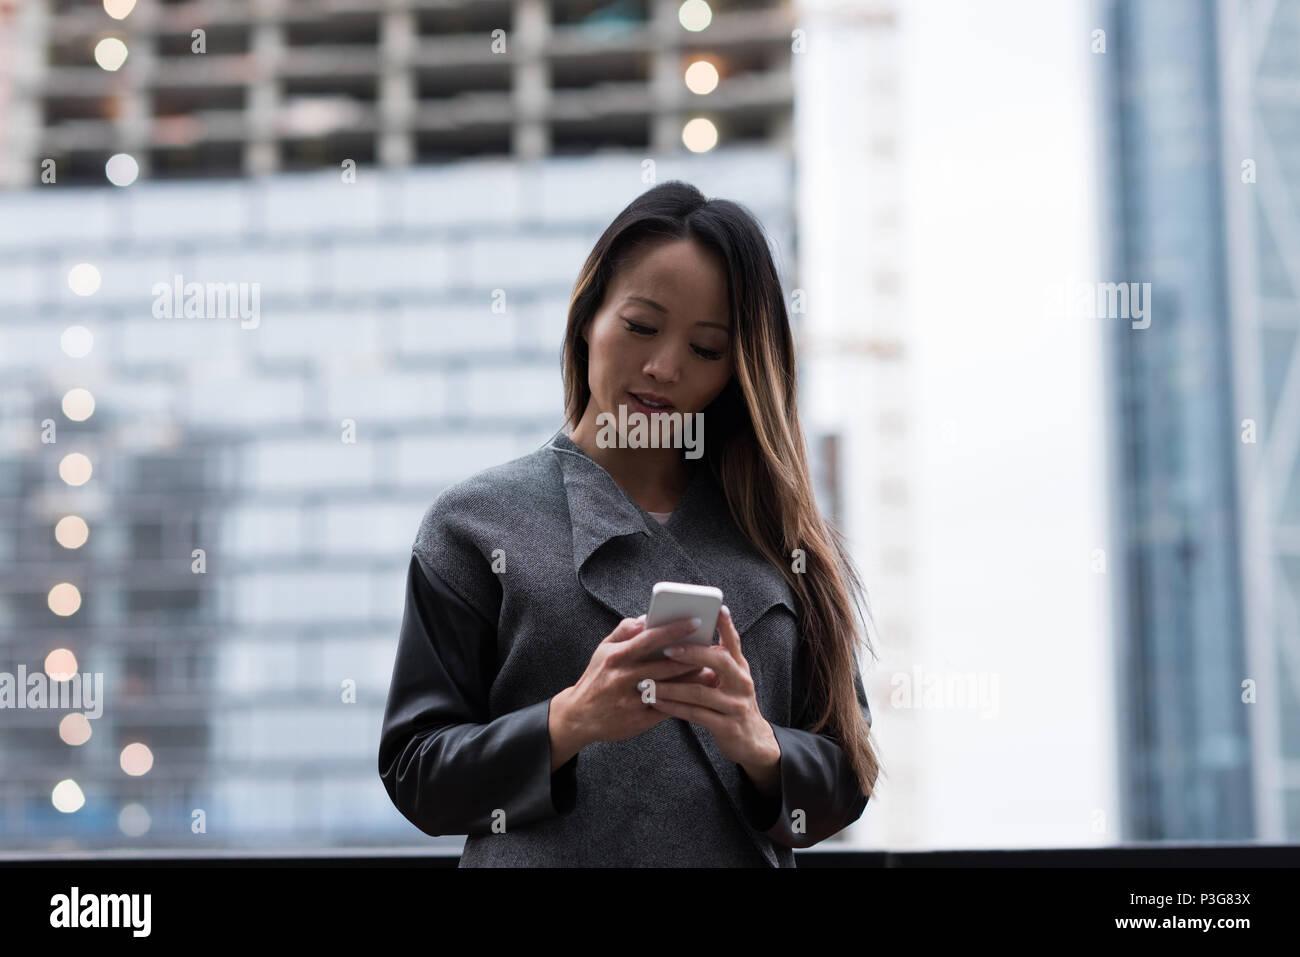 Businesswoman en utilisant son téléphone portable Photo Stock